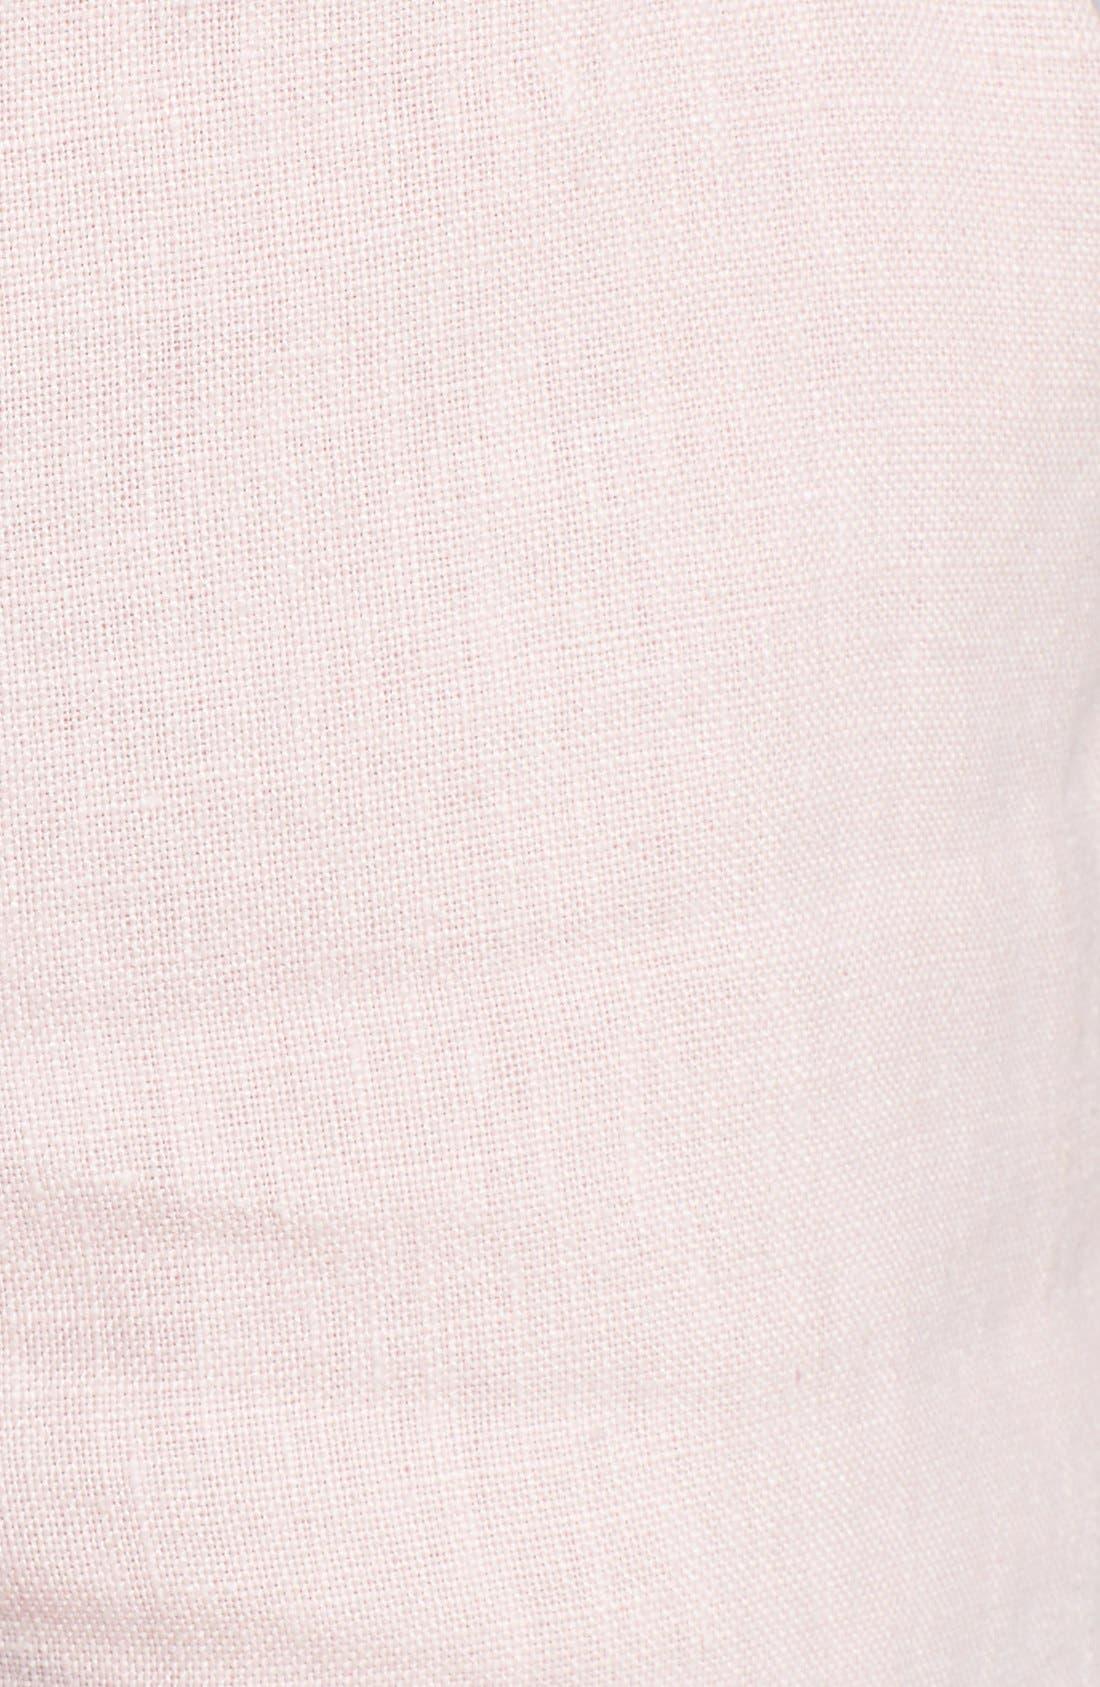 Alternate Image 3  - Joie 'Leiden' Linen Shorts